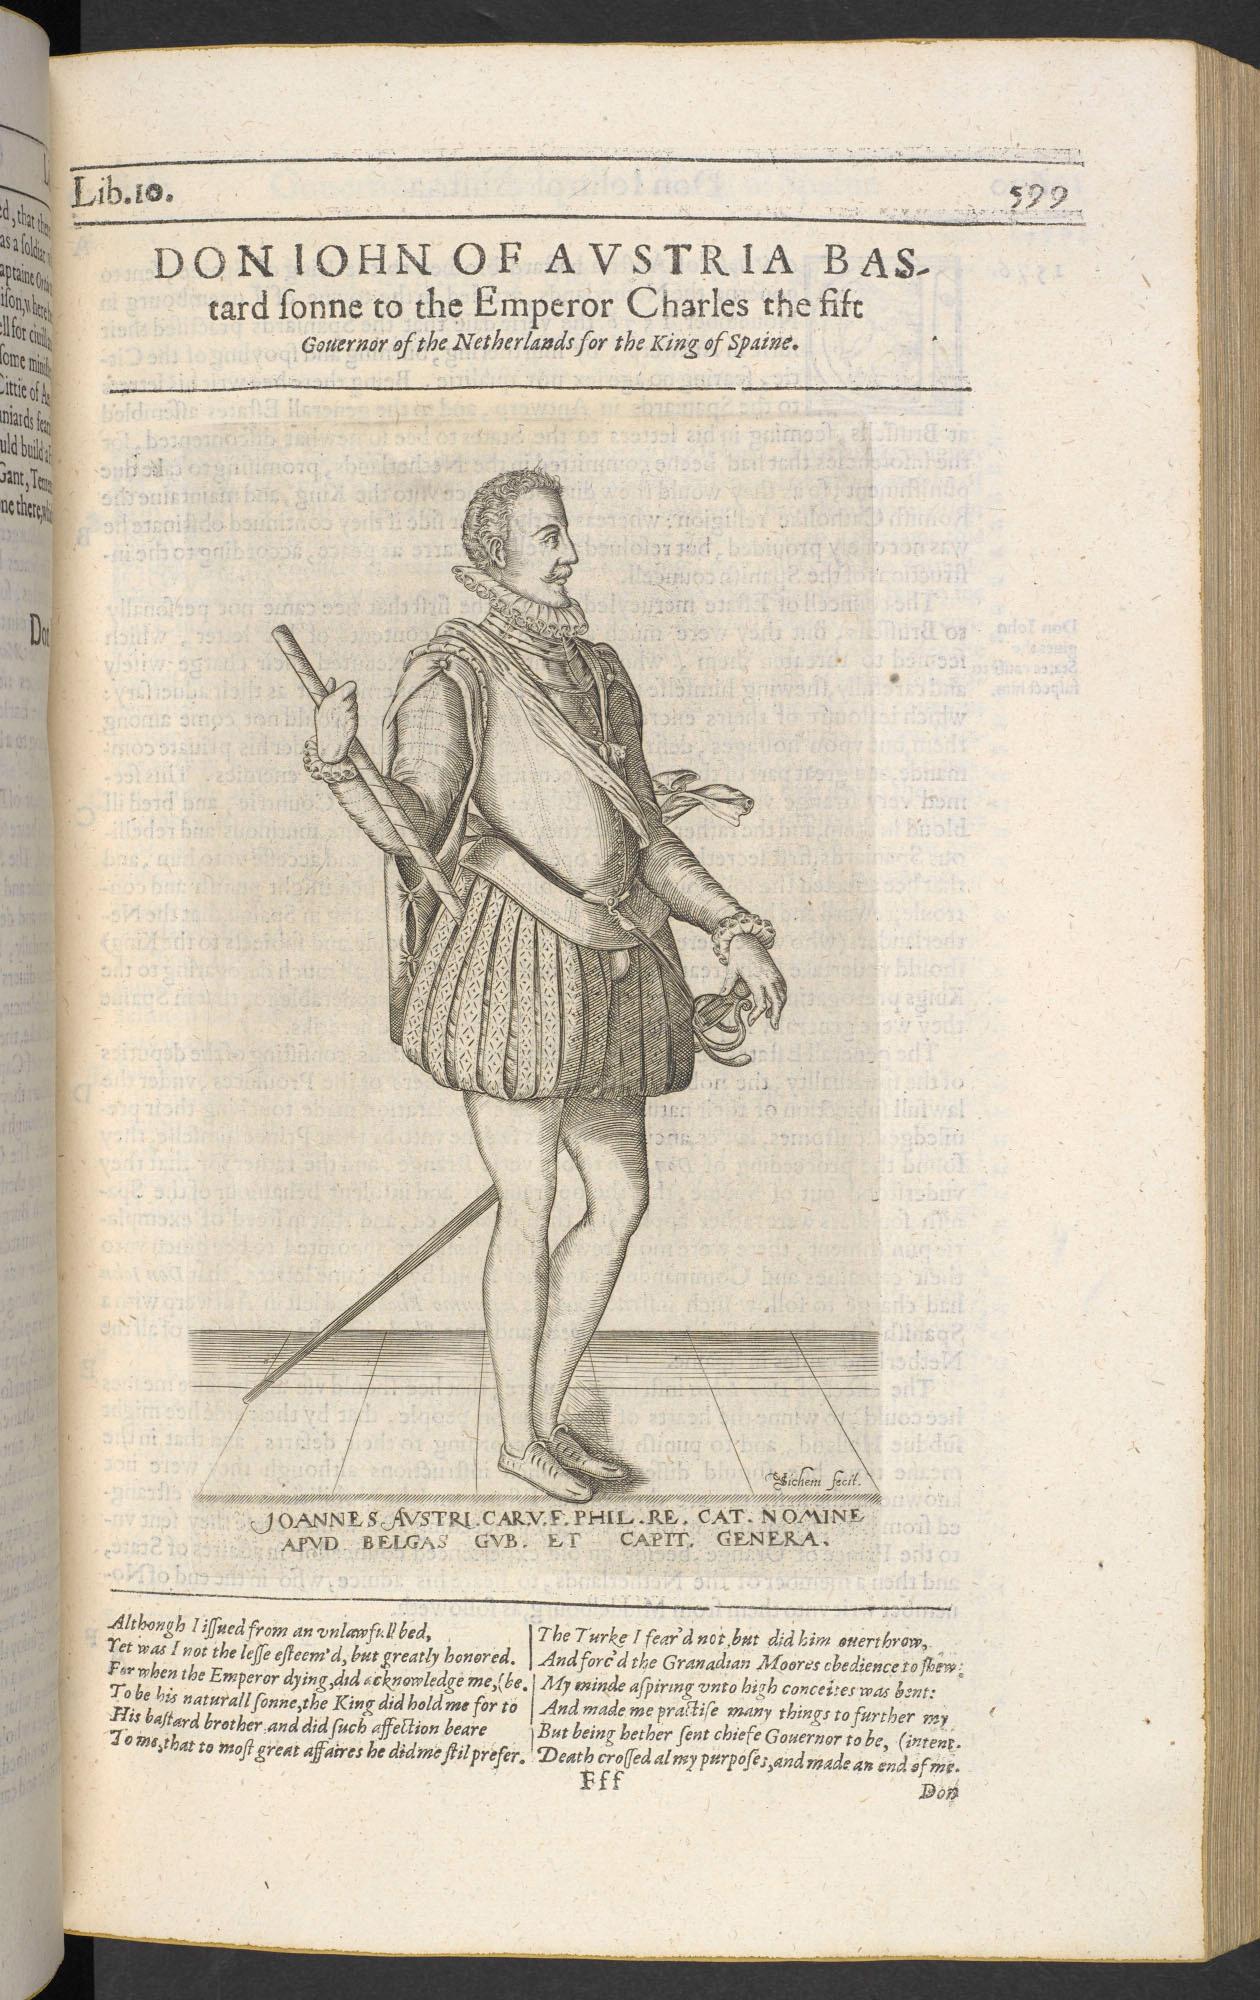 Don John of Austria, bastard son of Charles V